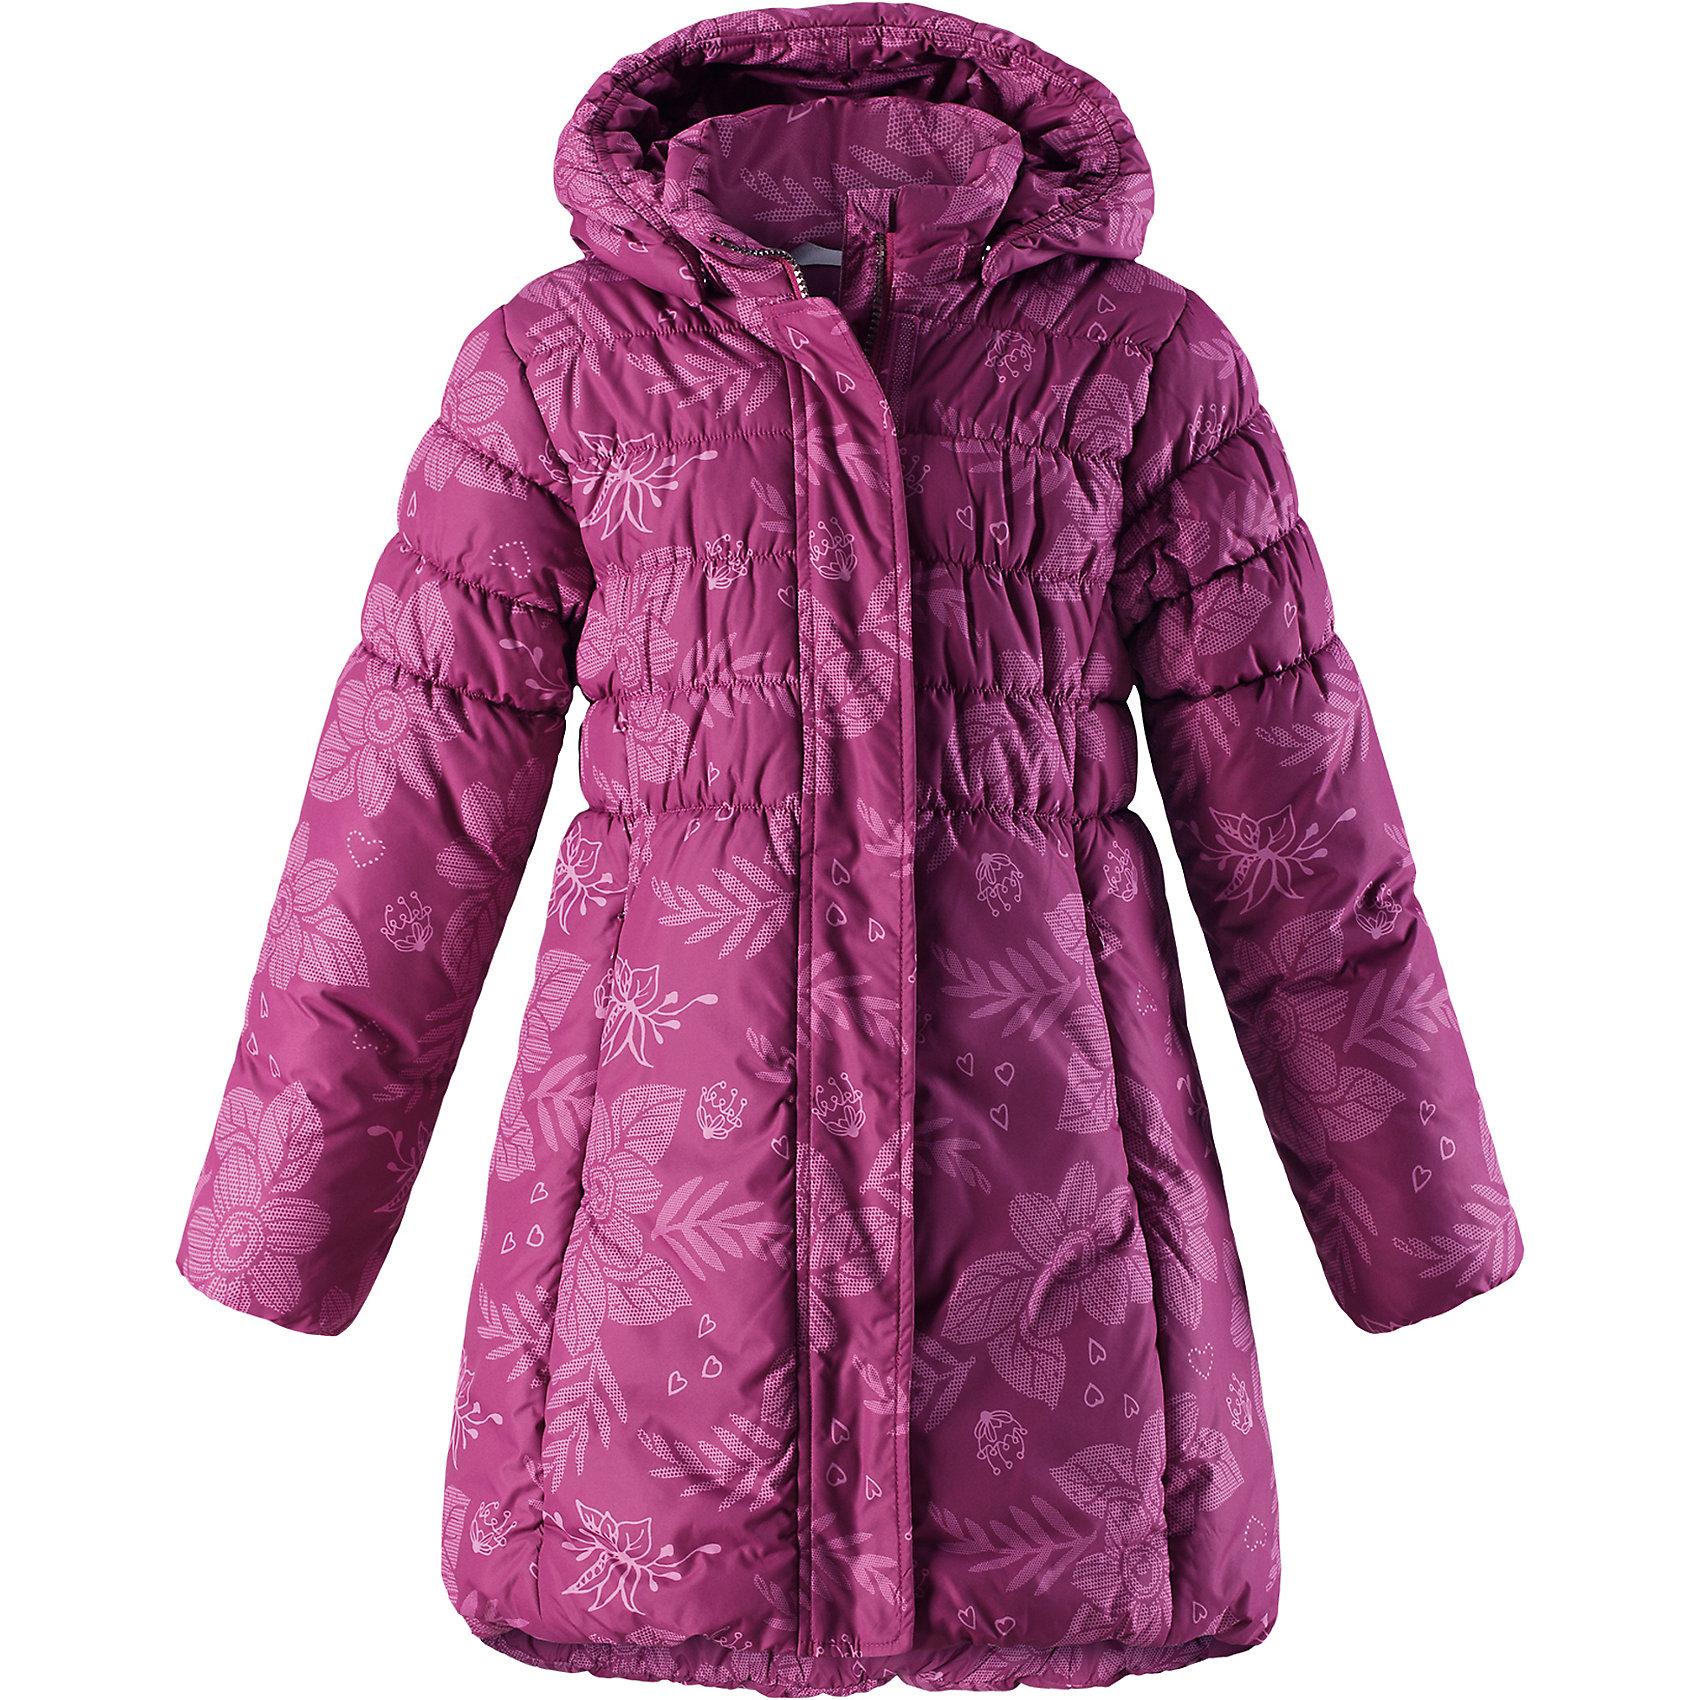 Пальто Lassie для девочкиОдежда<br>Характеристики товара:<br><br>• цвет: розовый;<br>• состав: 100% полиэстер, полиуретановое покрытие;<br>• подкладка: 100% полиэстер;<br>• утеплитель: 200 г/м2;<br>• сезон: зима;<br>• температурный режим: от 0 до -25С;<br>• водонепроницаемость: 1000 мм;<br>• воздухопроницаемость: 2000 мм;<br>• износостойкость: 15000 циклов (тест Мартиндейла);<br>• особенности: стеганое, удлиненное пальто;<br>• застежка: молния с дополнительной защитной планкой;<br>• водоотталкивающий, ветронепроницаемый и дышащий материал;<br>• гладкая подкладка из полиэстера;<br>• безопасный съемный капюшон; <br>• эластичные манжеты рукавов; <br>• эластичная кромка подола;<br>• карманы в боковых швах;<br>• светоотражающие детали;<br>• страна бренда: Финляндия;<br>• страна изготовитель: Китай;<br><br>Зимнее стеганое пальто на молнии и с капюшоном. Удлиненная модель для девочек. Пальто изготовлено из ветронепроницаемого, дышащего материала с верхним водо- и ветронепроницаемым слоем – в нем будет тепло и комфортно во время веселых прогулок. <br><br>Пальто Lassie (Ласси) для девочки можно купить в нашем интернет-магазине.<br><br>Ширина мм: 356<br>Глубина мм: 10<br>Высота мм: 245<br>Вес г: 519<br>Цвет: розовый<br>Возраст от месяцев: 108<br>Возраст до месяцев: 120<br>Пол: Женский<br>Возраст: Детский<br>Размер: 140,92,98,104,110,116,122,128,134<br>SKU: 6927591